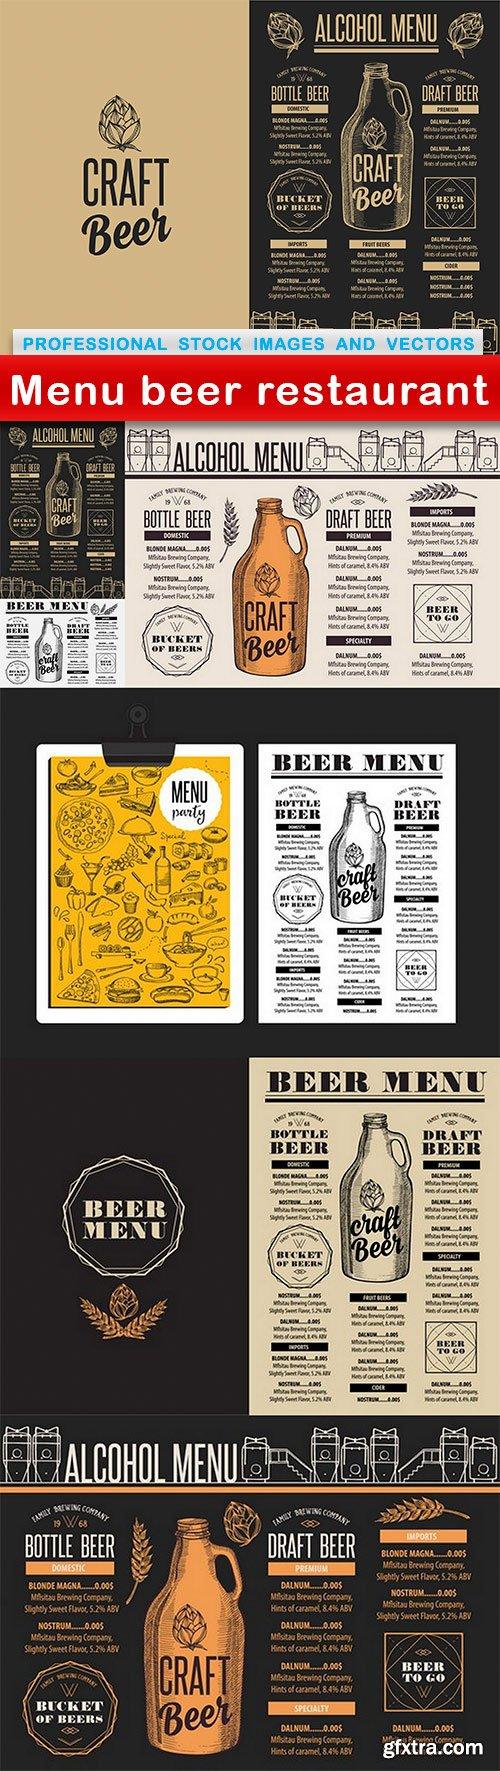 Menu beer restaurant - 7 EPS